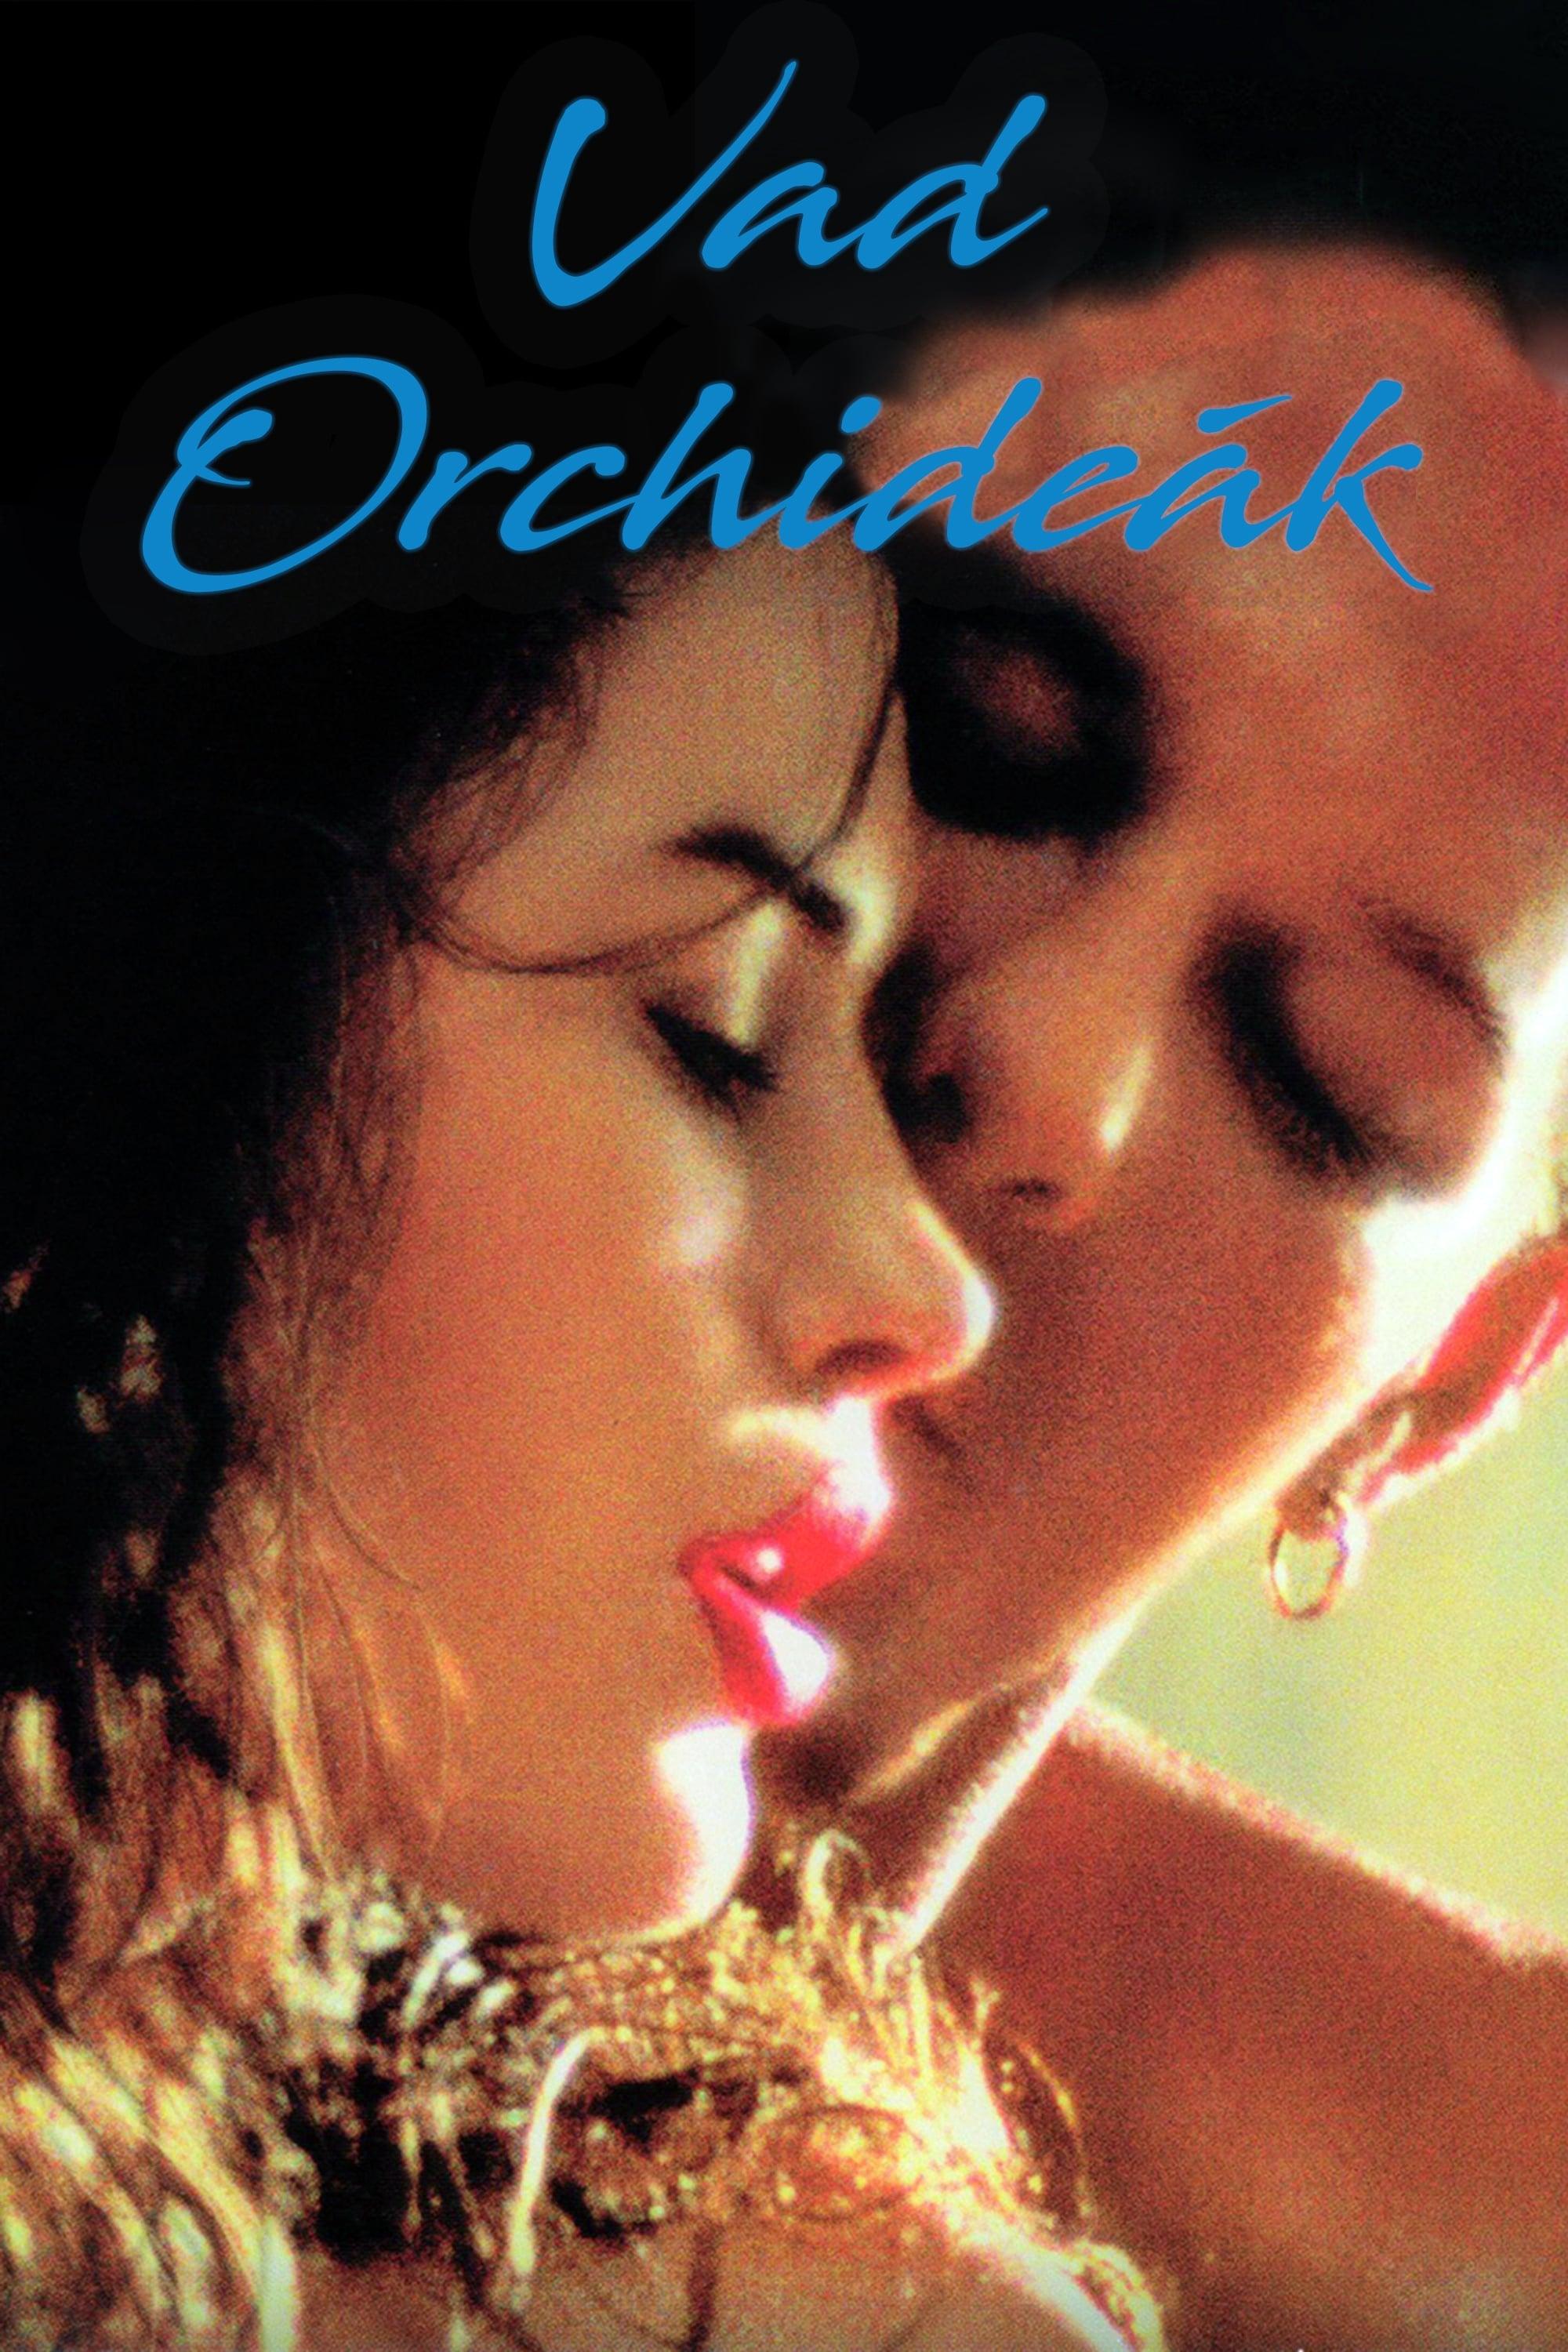 Wilde Orchidee Ganzer Film Deutsch